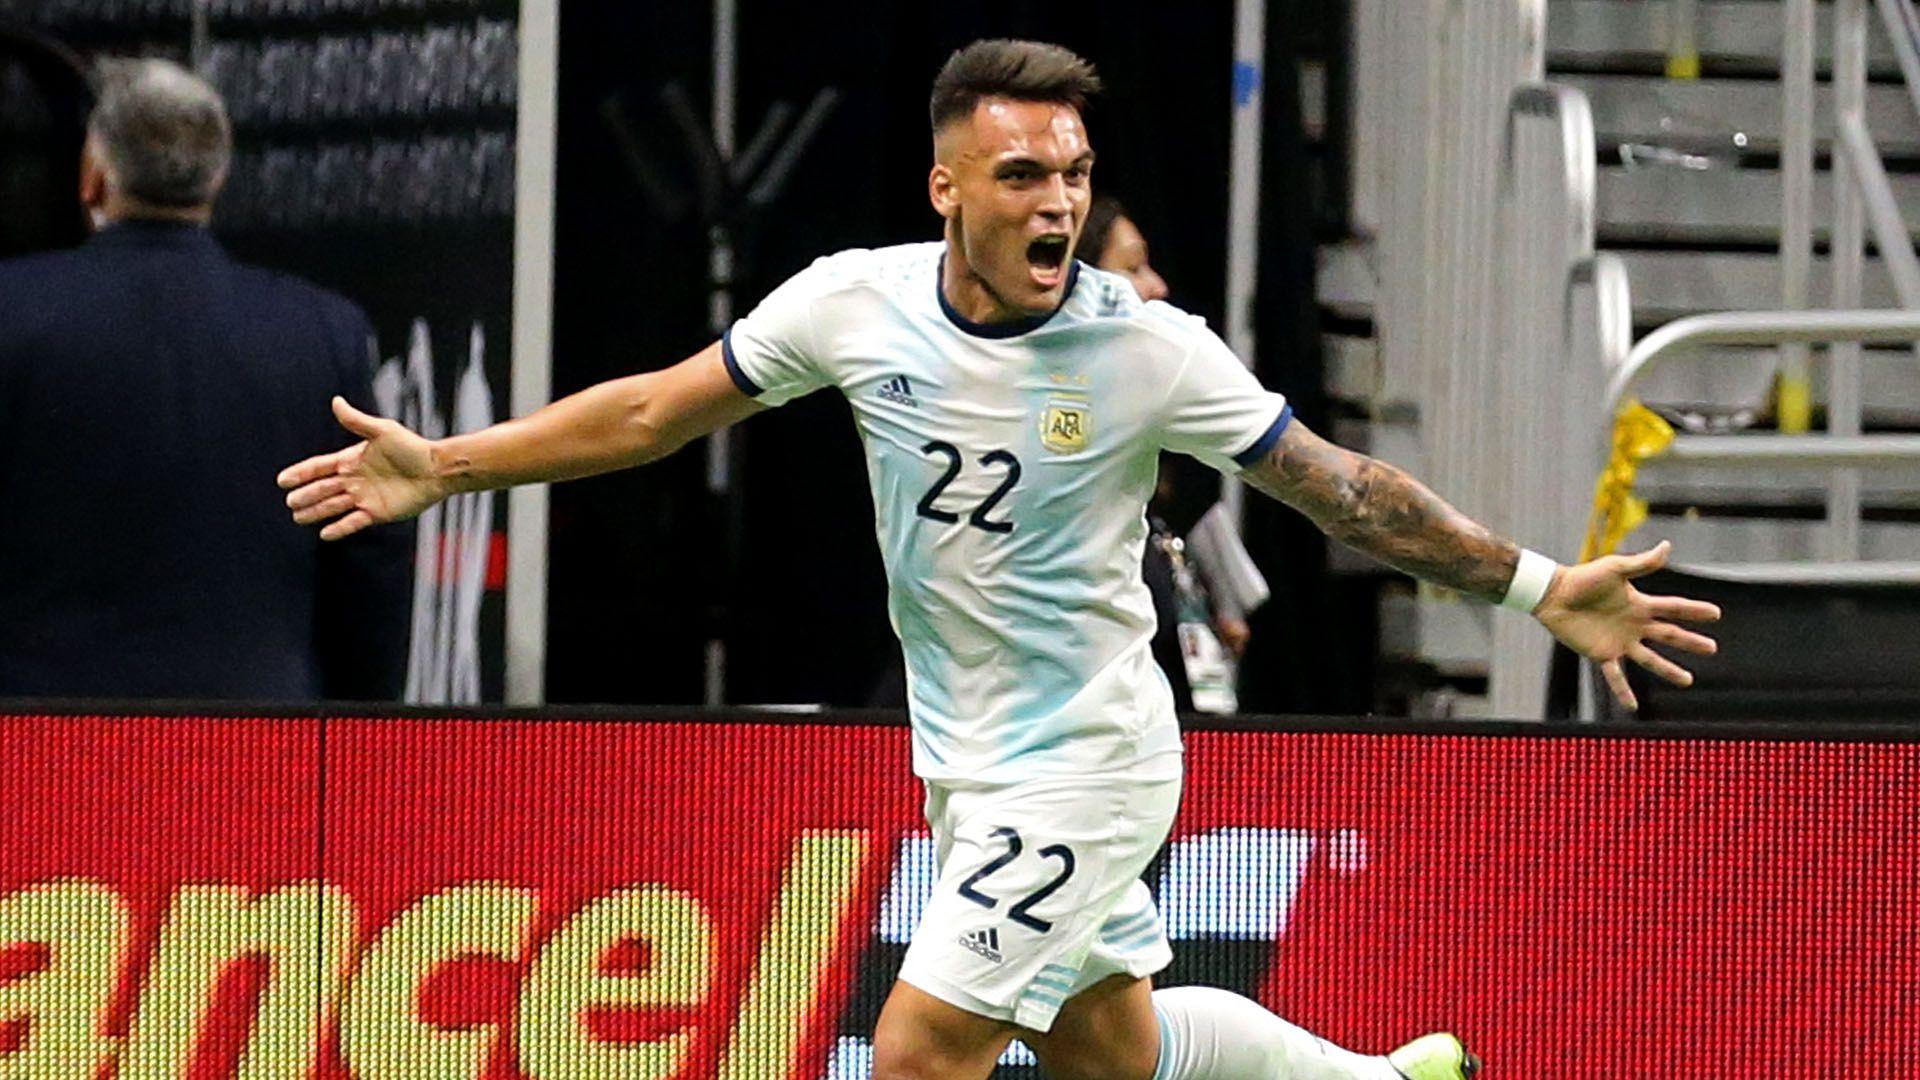 Lautaro Martínez buscará seguir con su racha goleadora en la Selección: lleva 9 goles en 13 partidos (AFP)